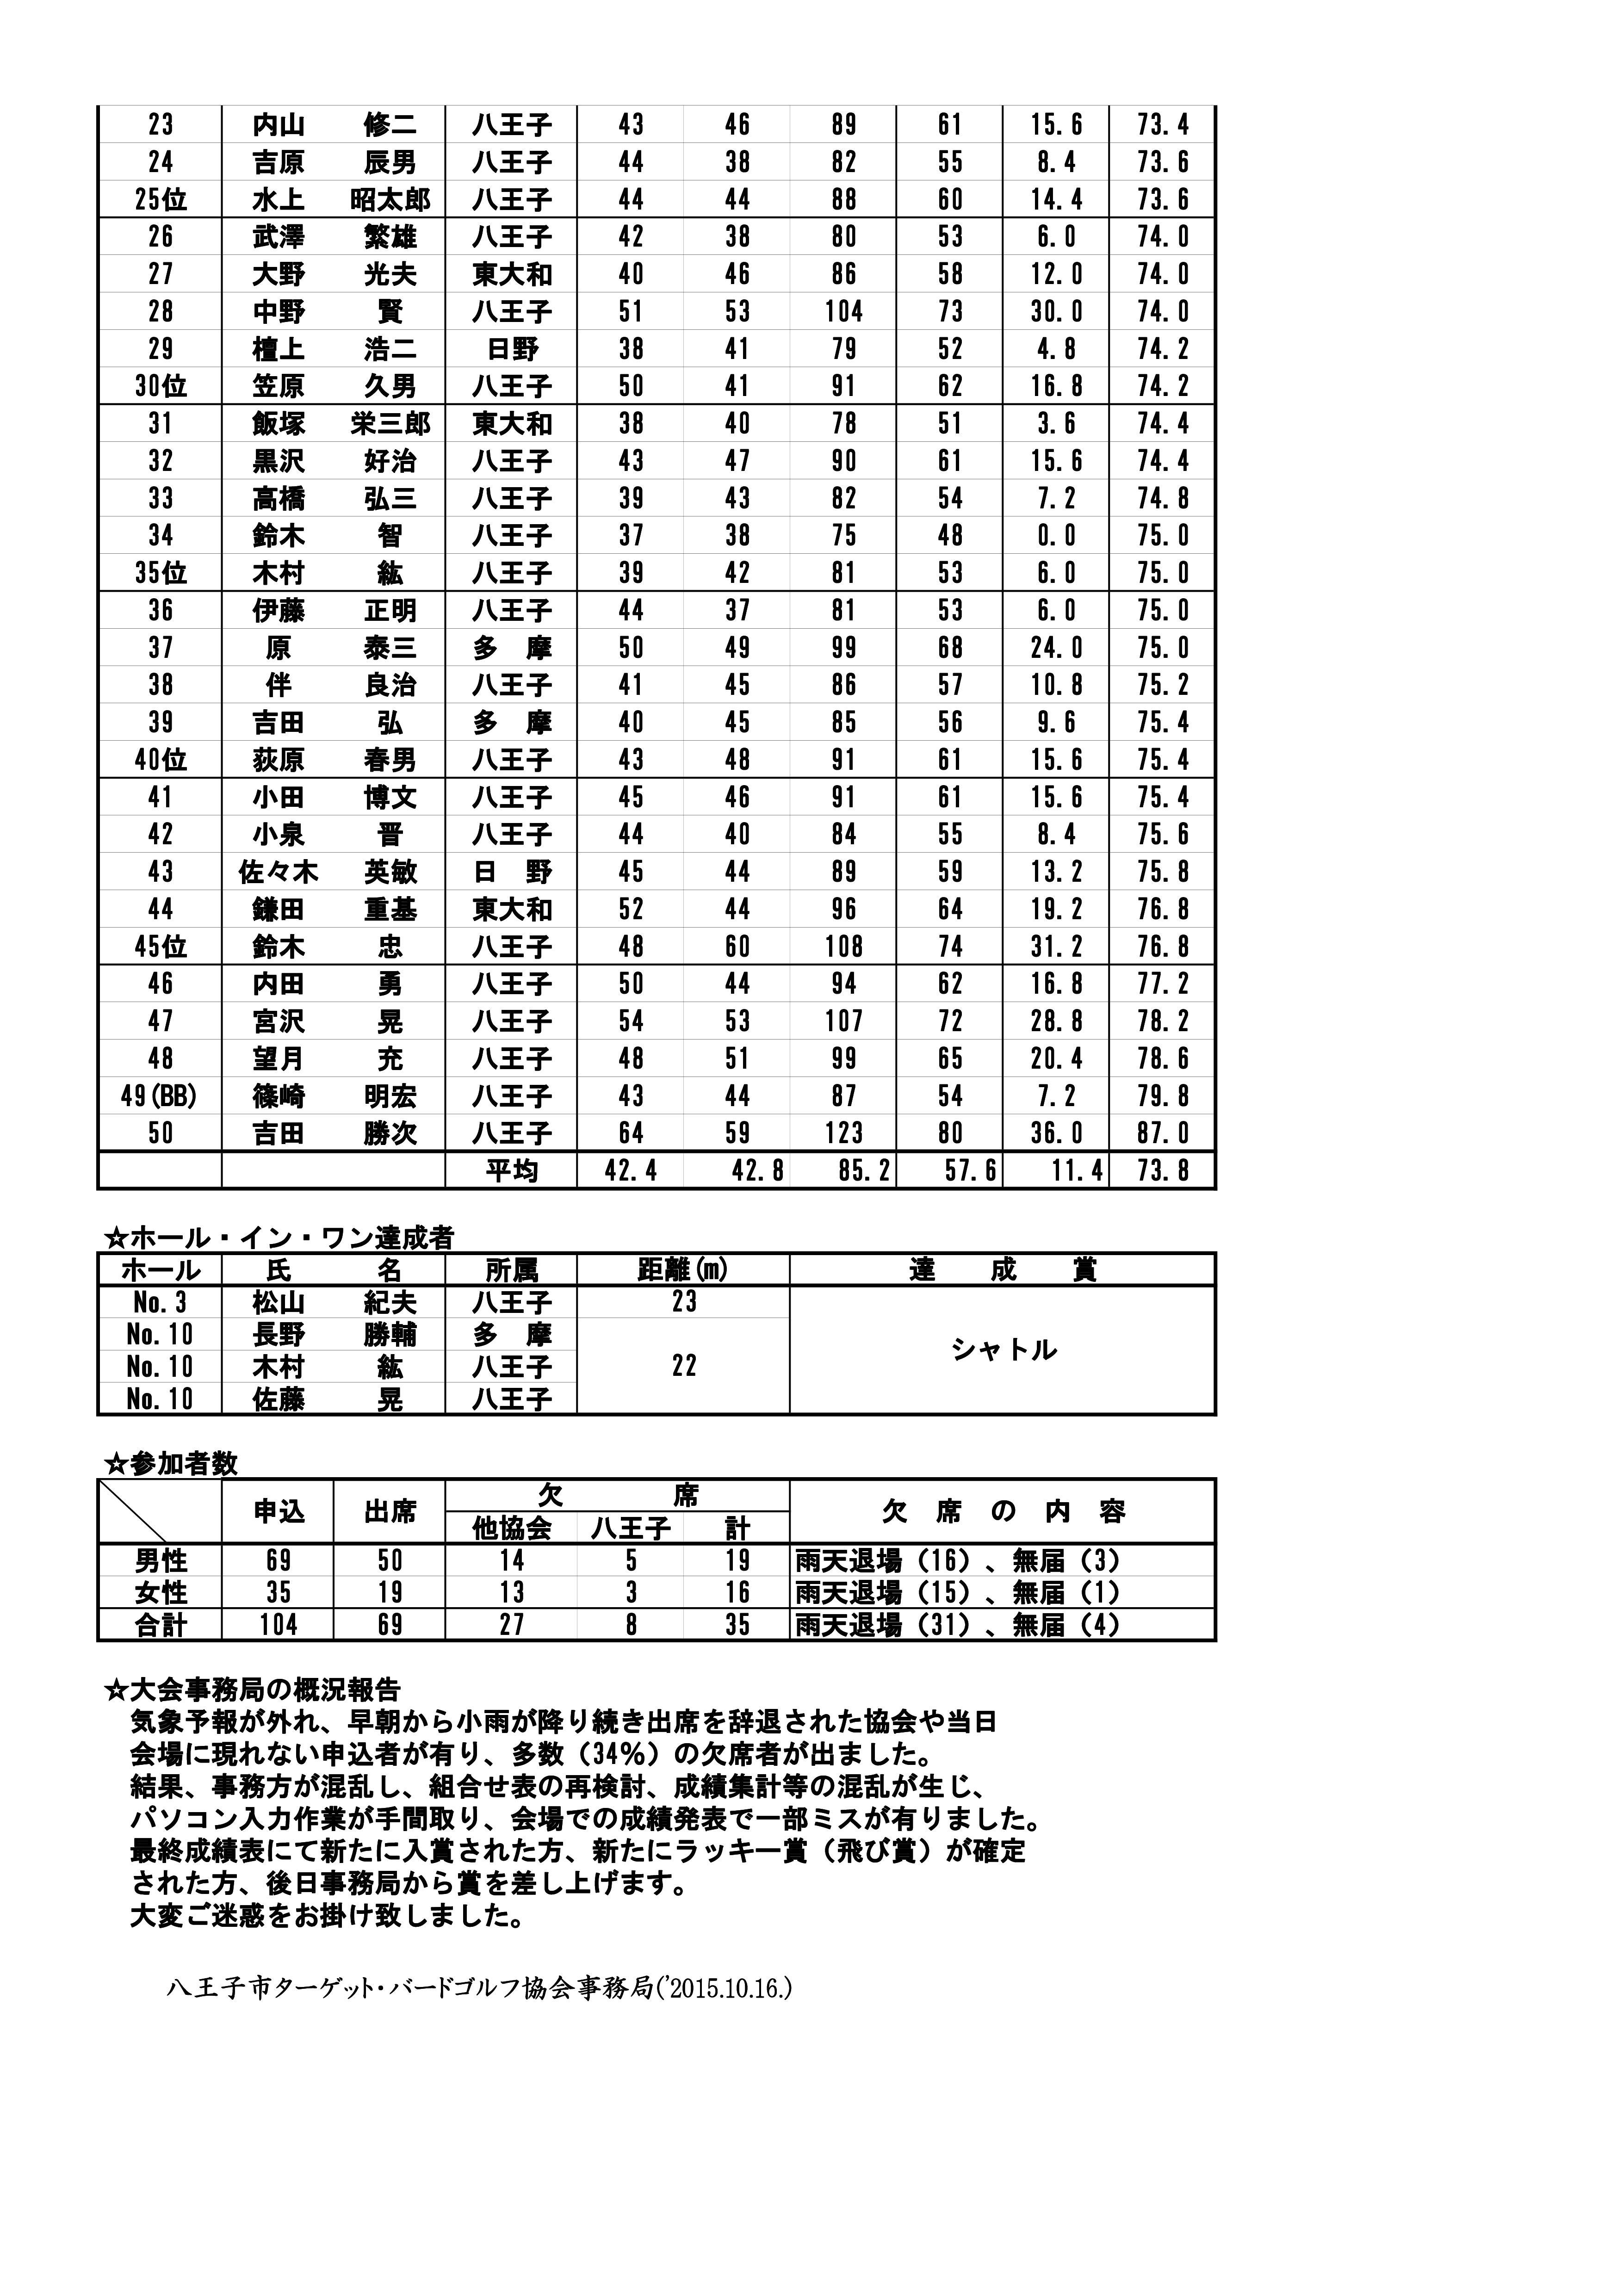 H27年度「秋季オープン大会」の報告(訂正版)